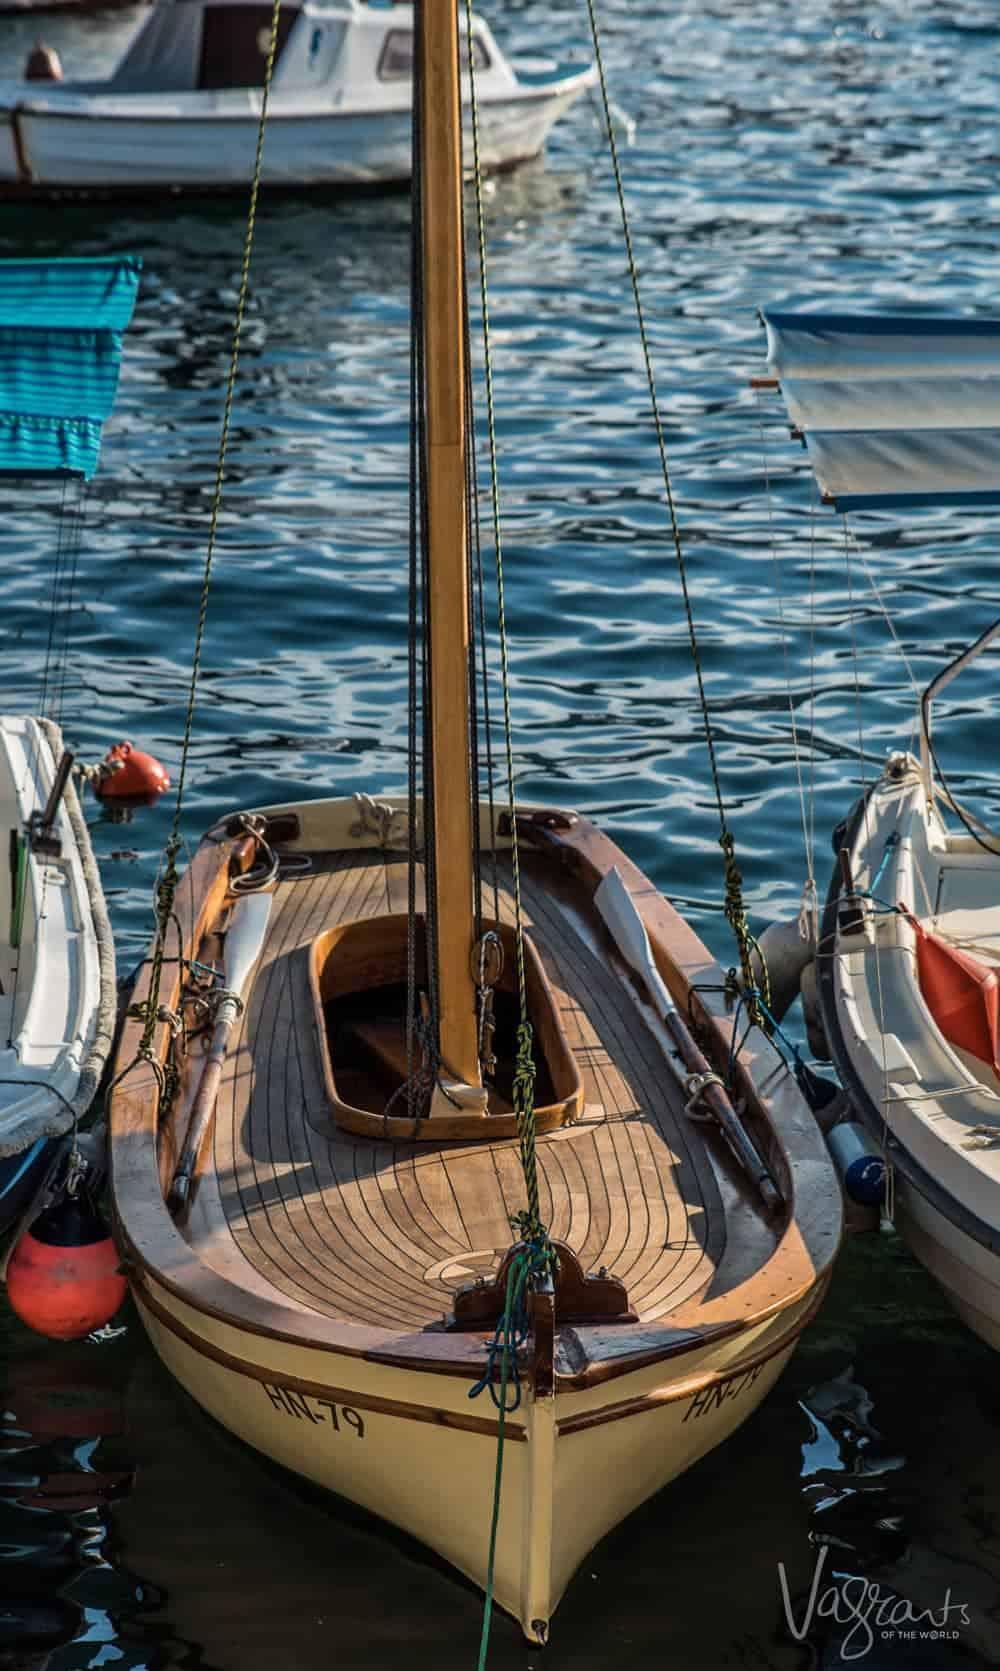 Beautiful Montenegro ⛵ A Boating Lifestyle